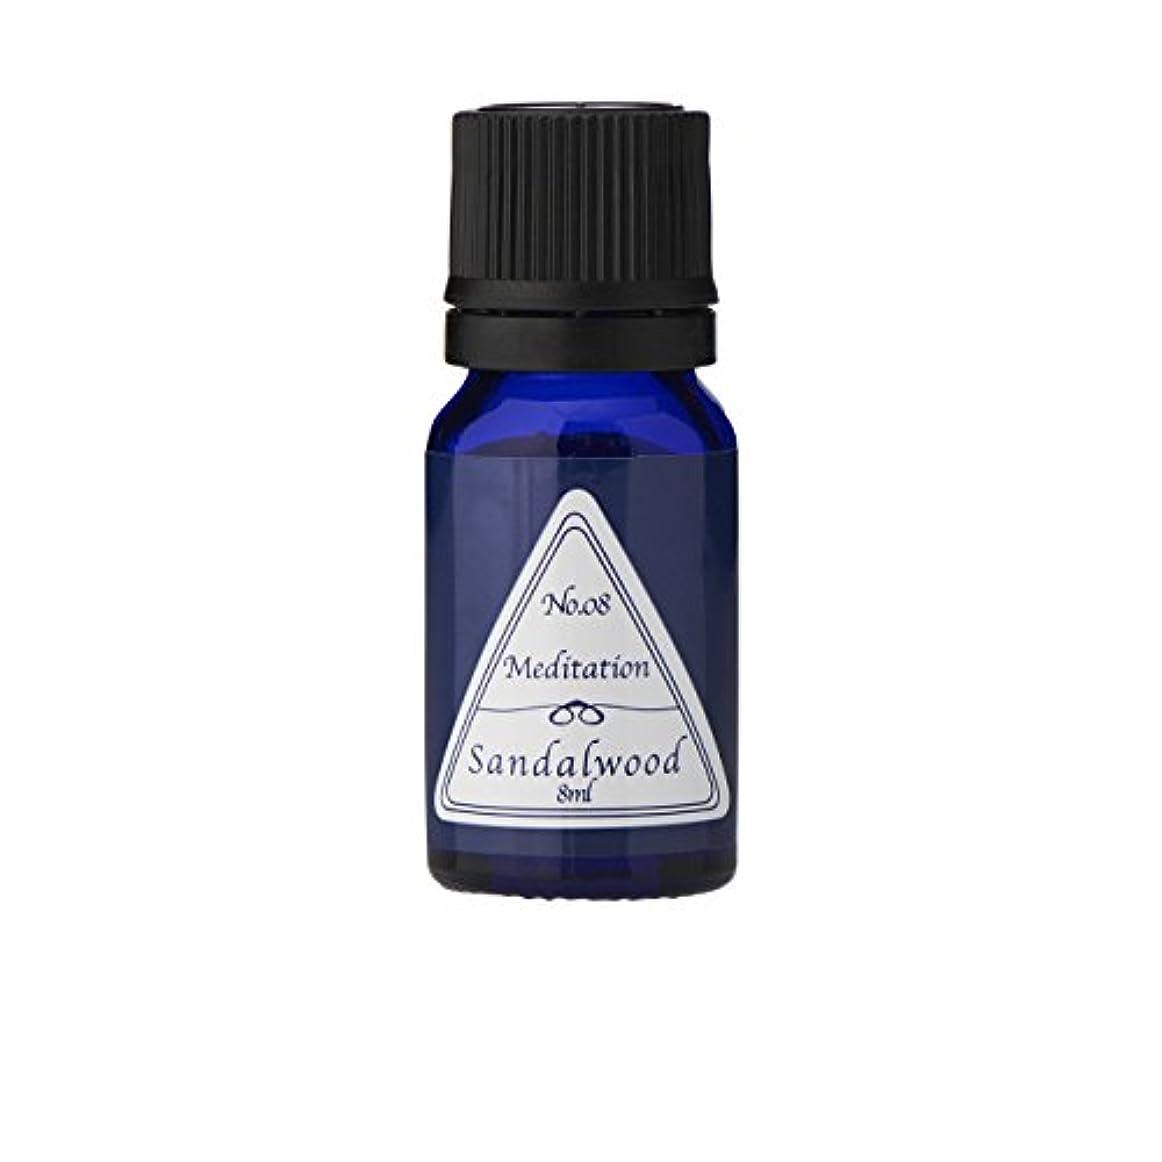 気晴らし包帯中性ブルーラベル アロマエッセンス8ml サンダルウッド(アロマオイル 調合香料 芳香用)